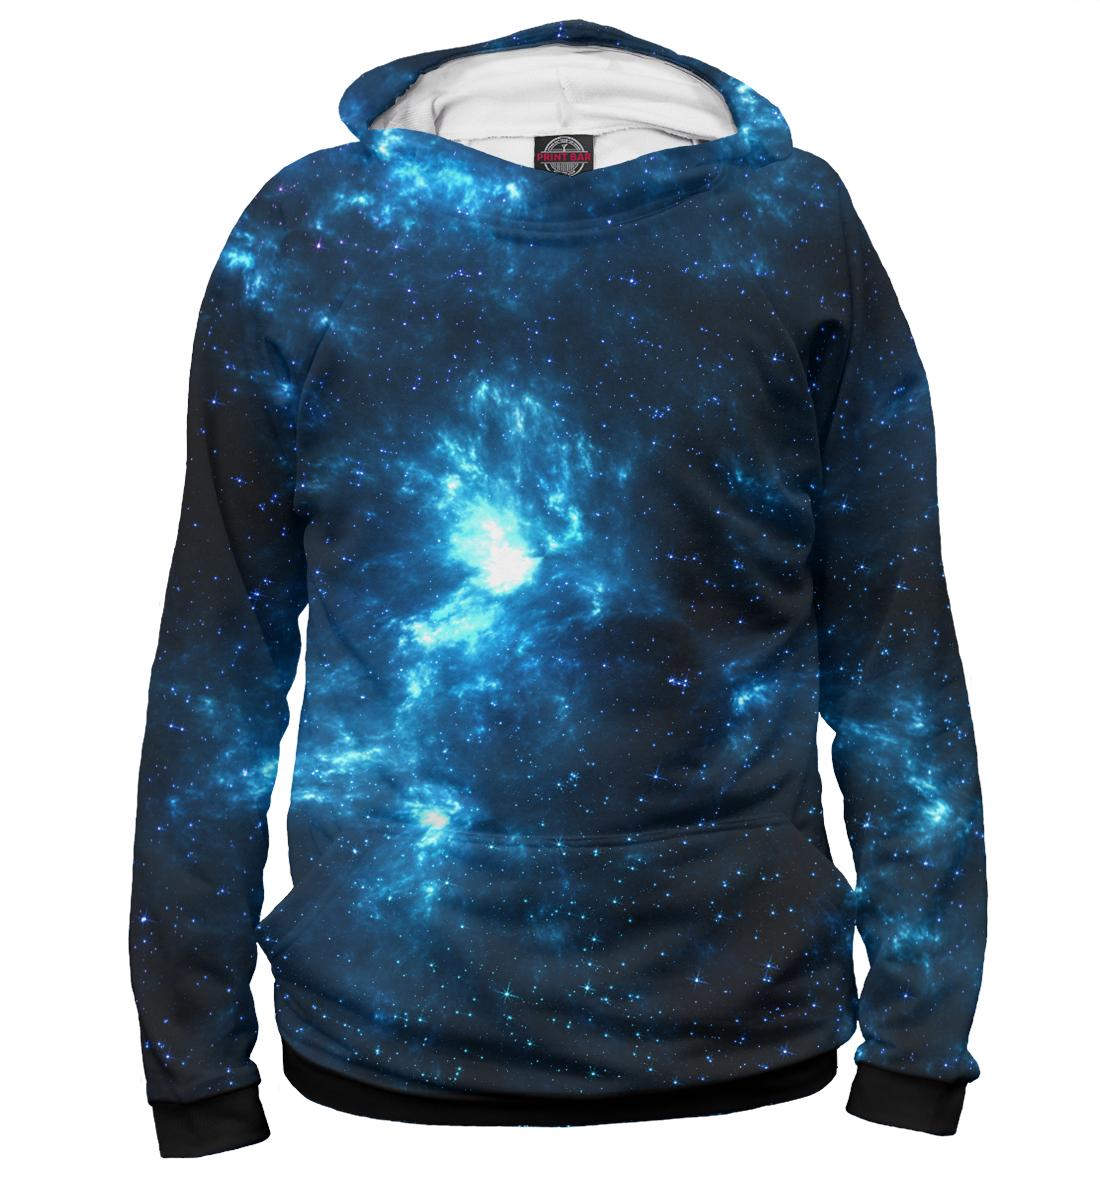 Купить Синий космос, Printbar, Худи, HIP-150790-hud-1